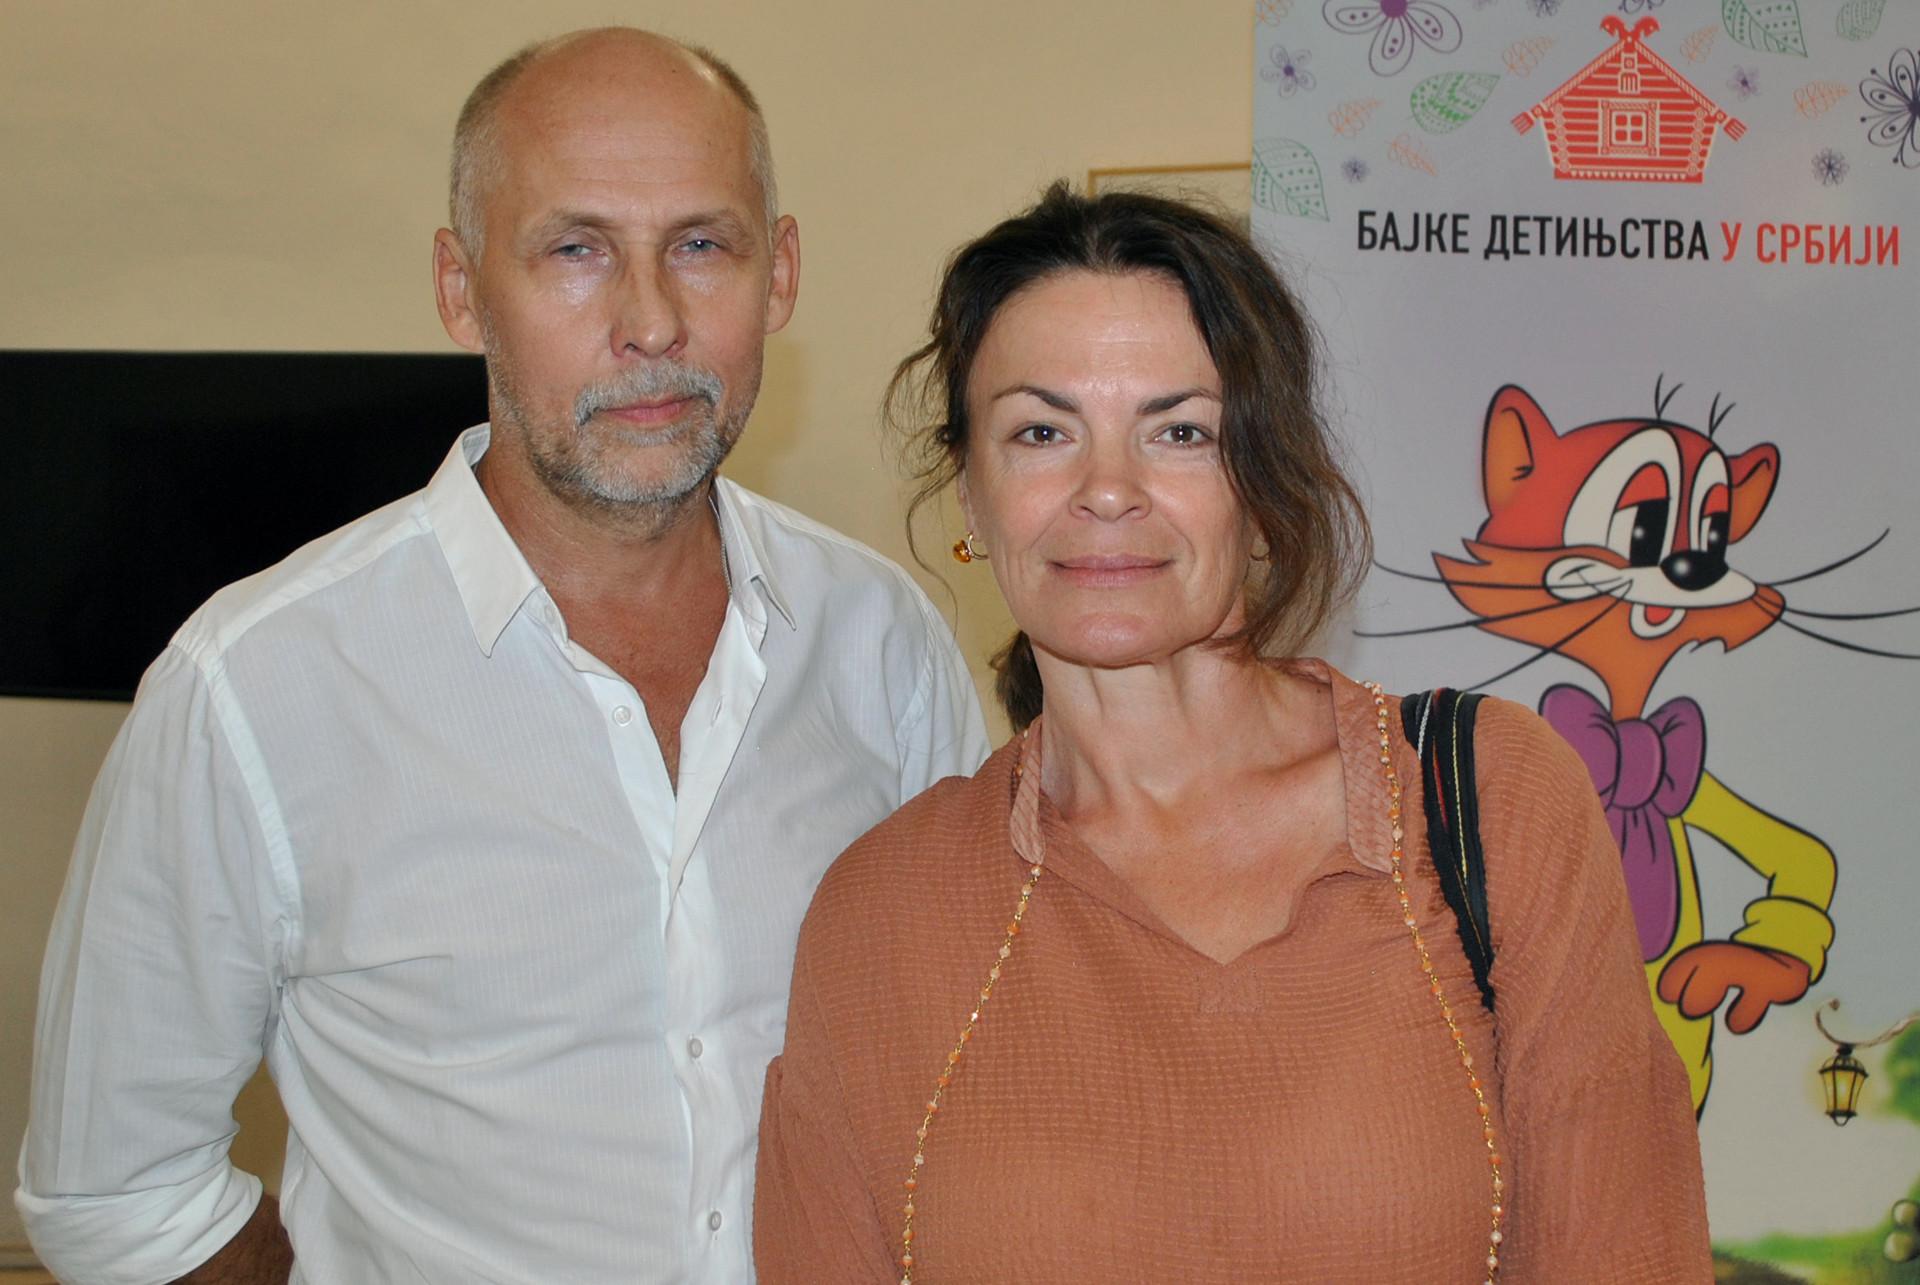 Михаил Калињин са супругом